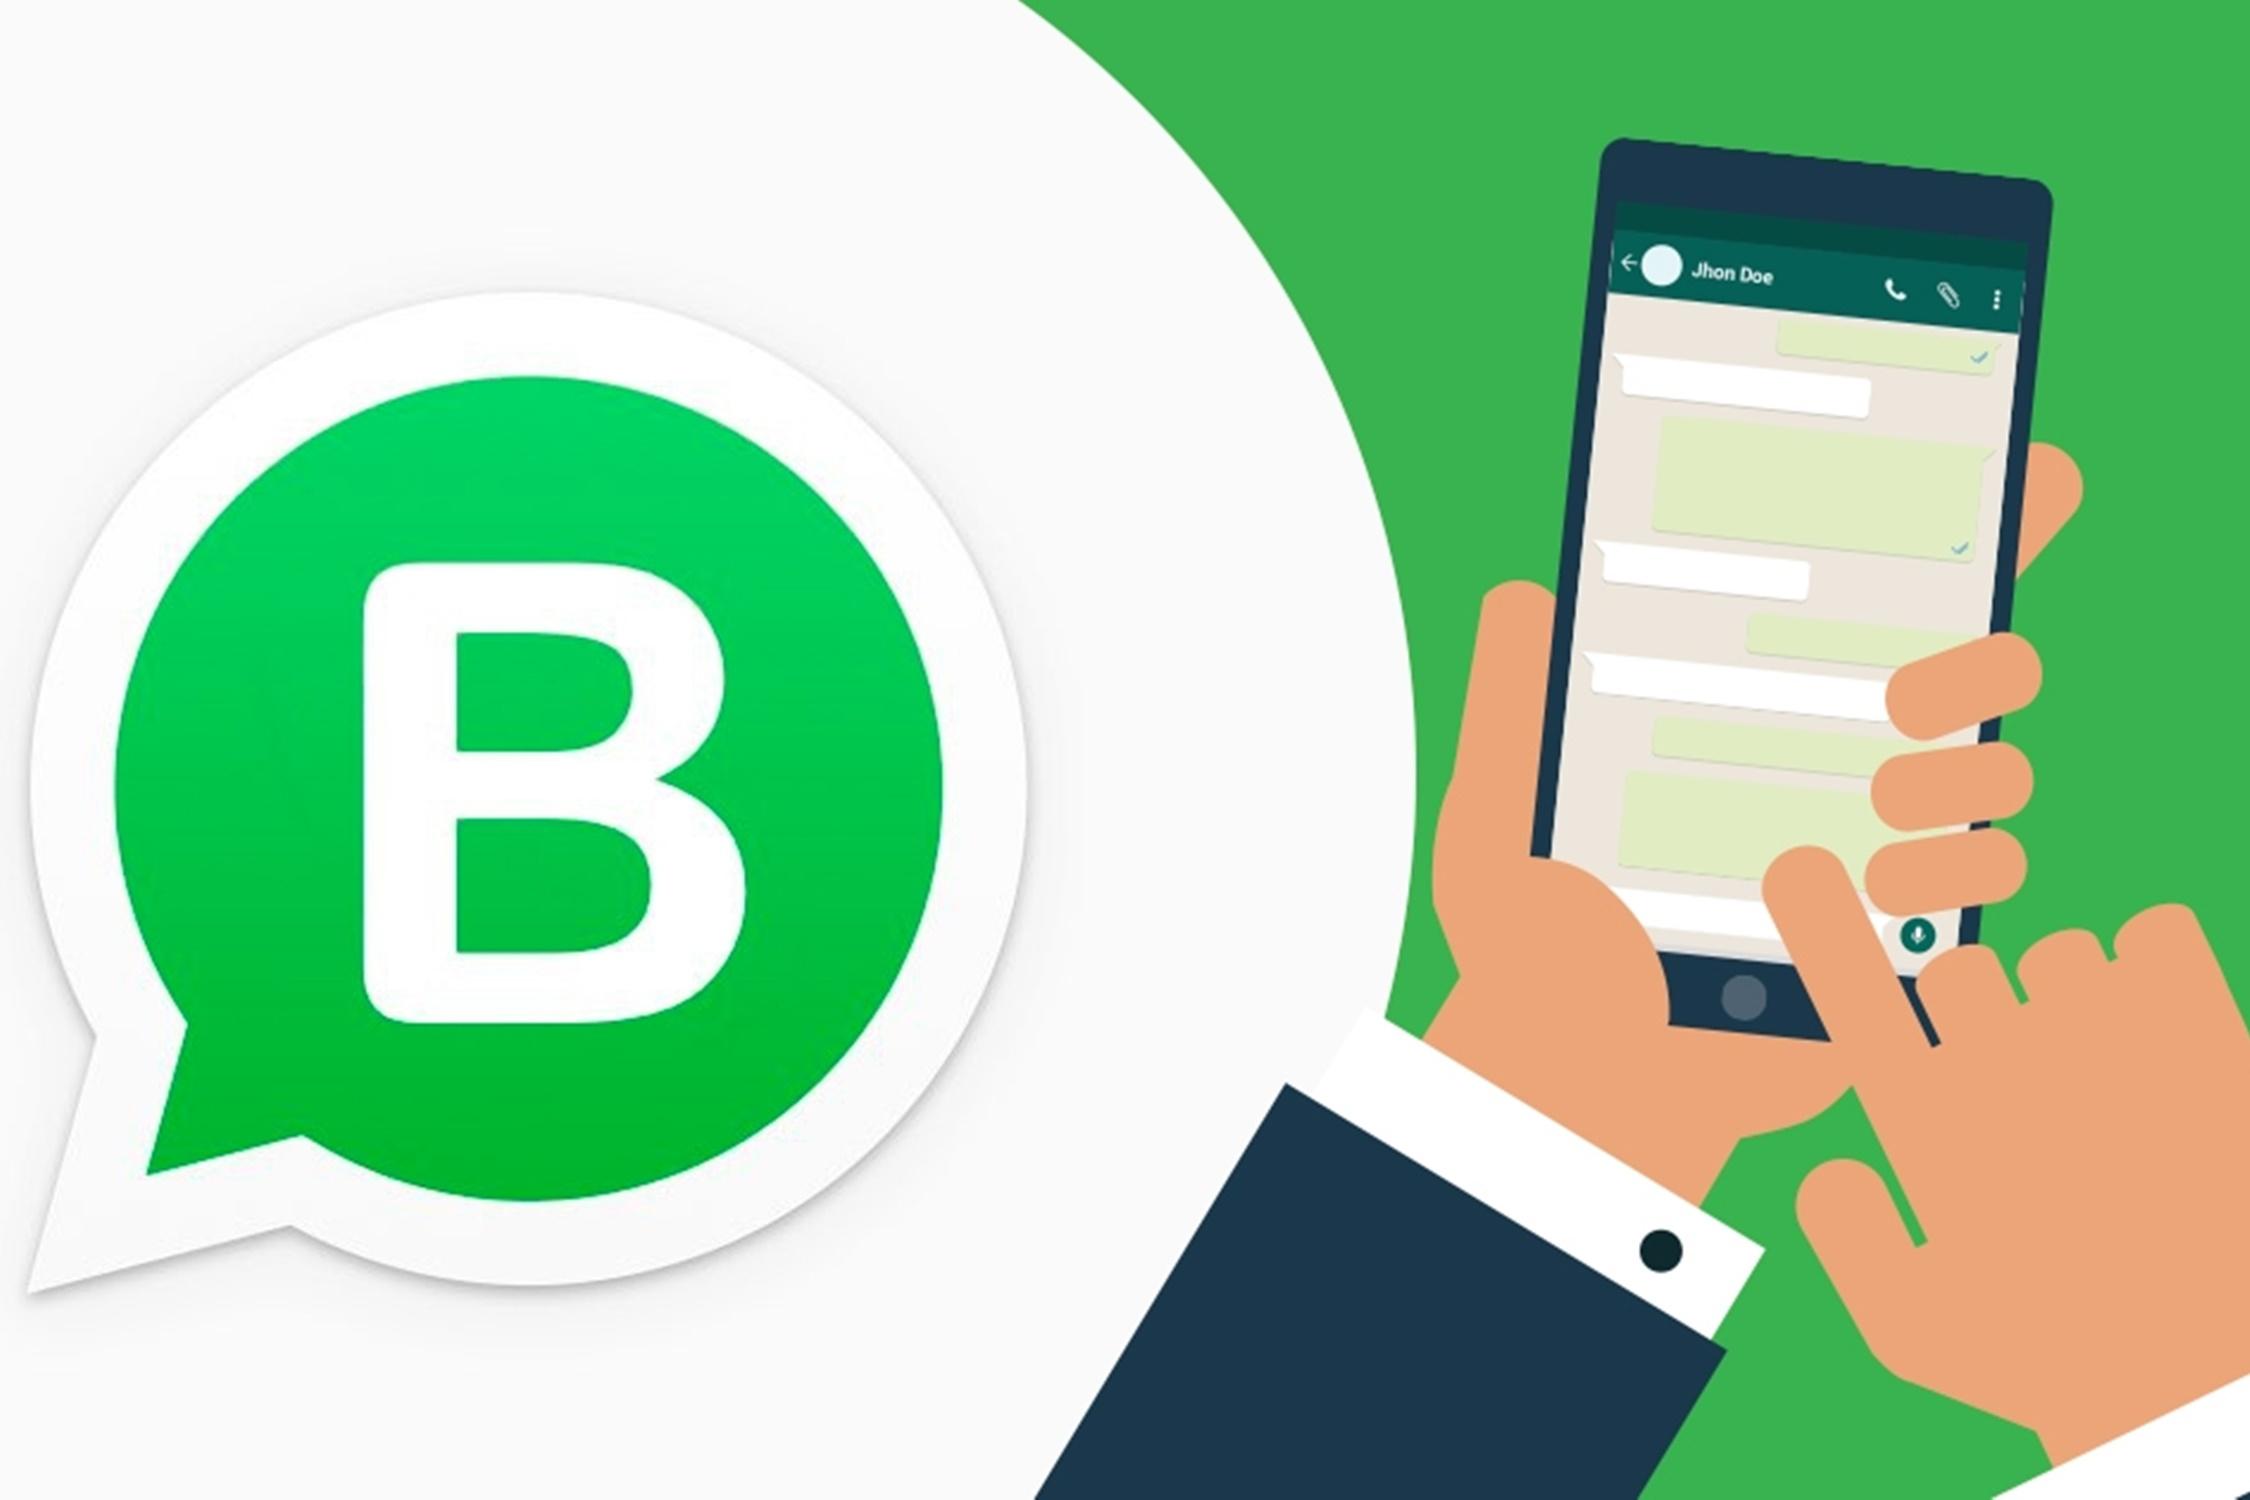 Imagem de WhatsApp Business agora também está no iPhone, mas em versão de testes no tecmundo